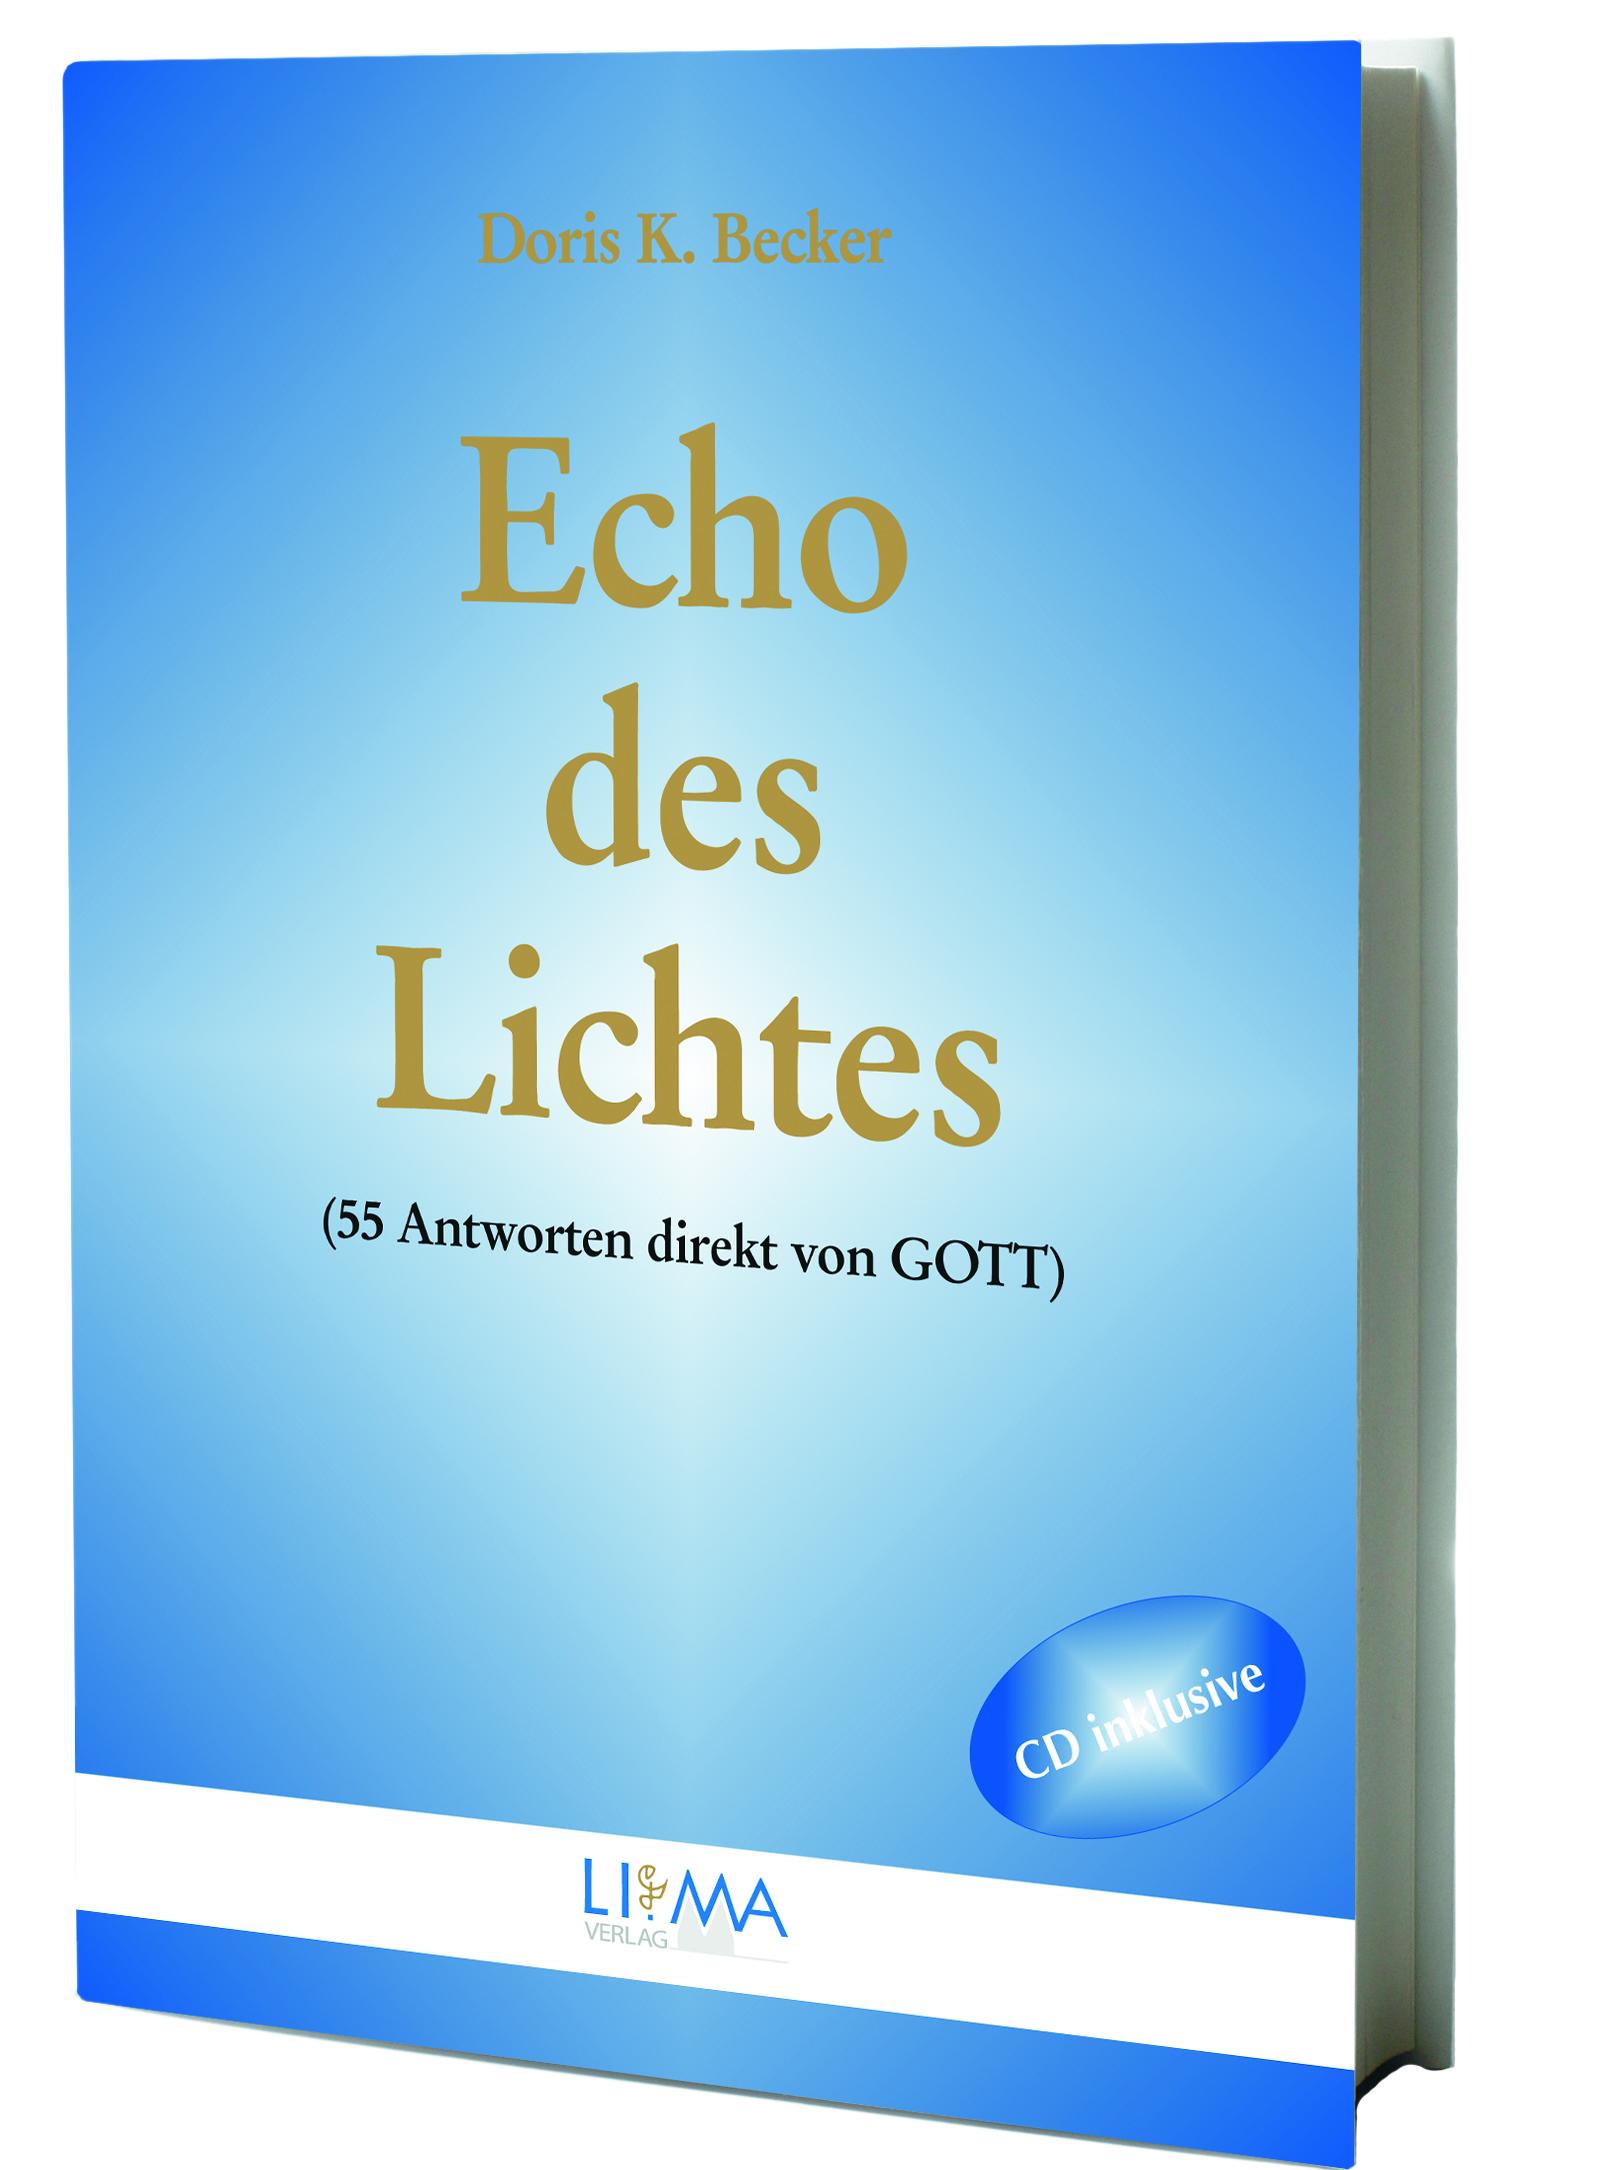 Echo des Lichtes von Doris K. Becker